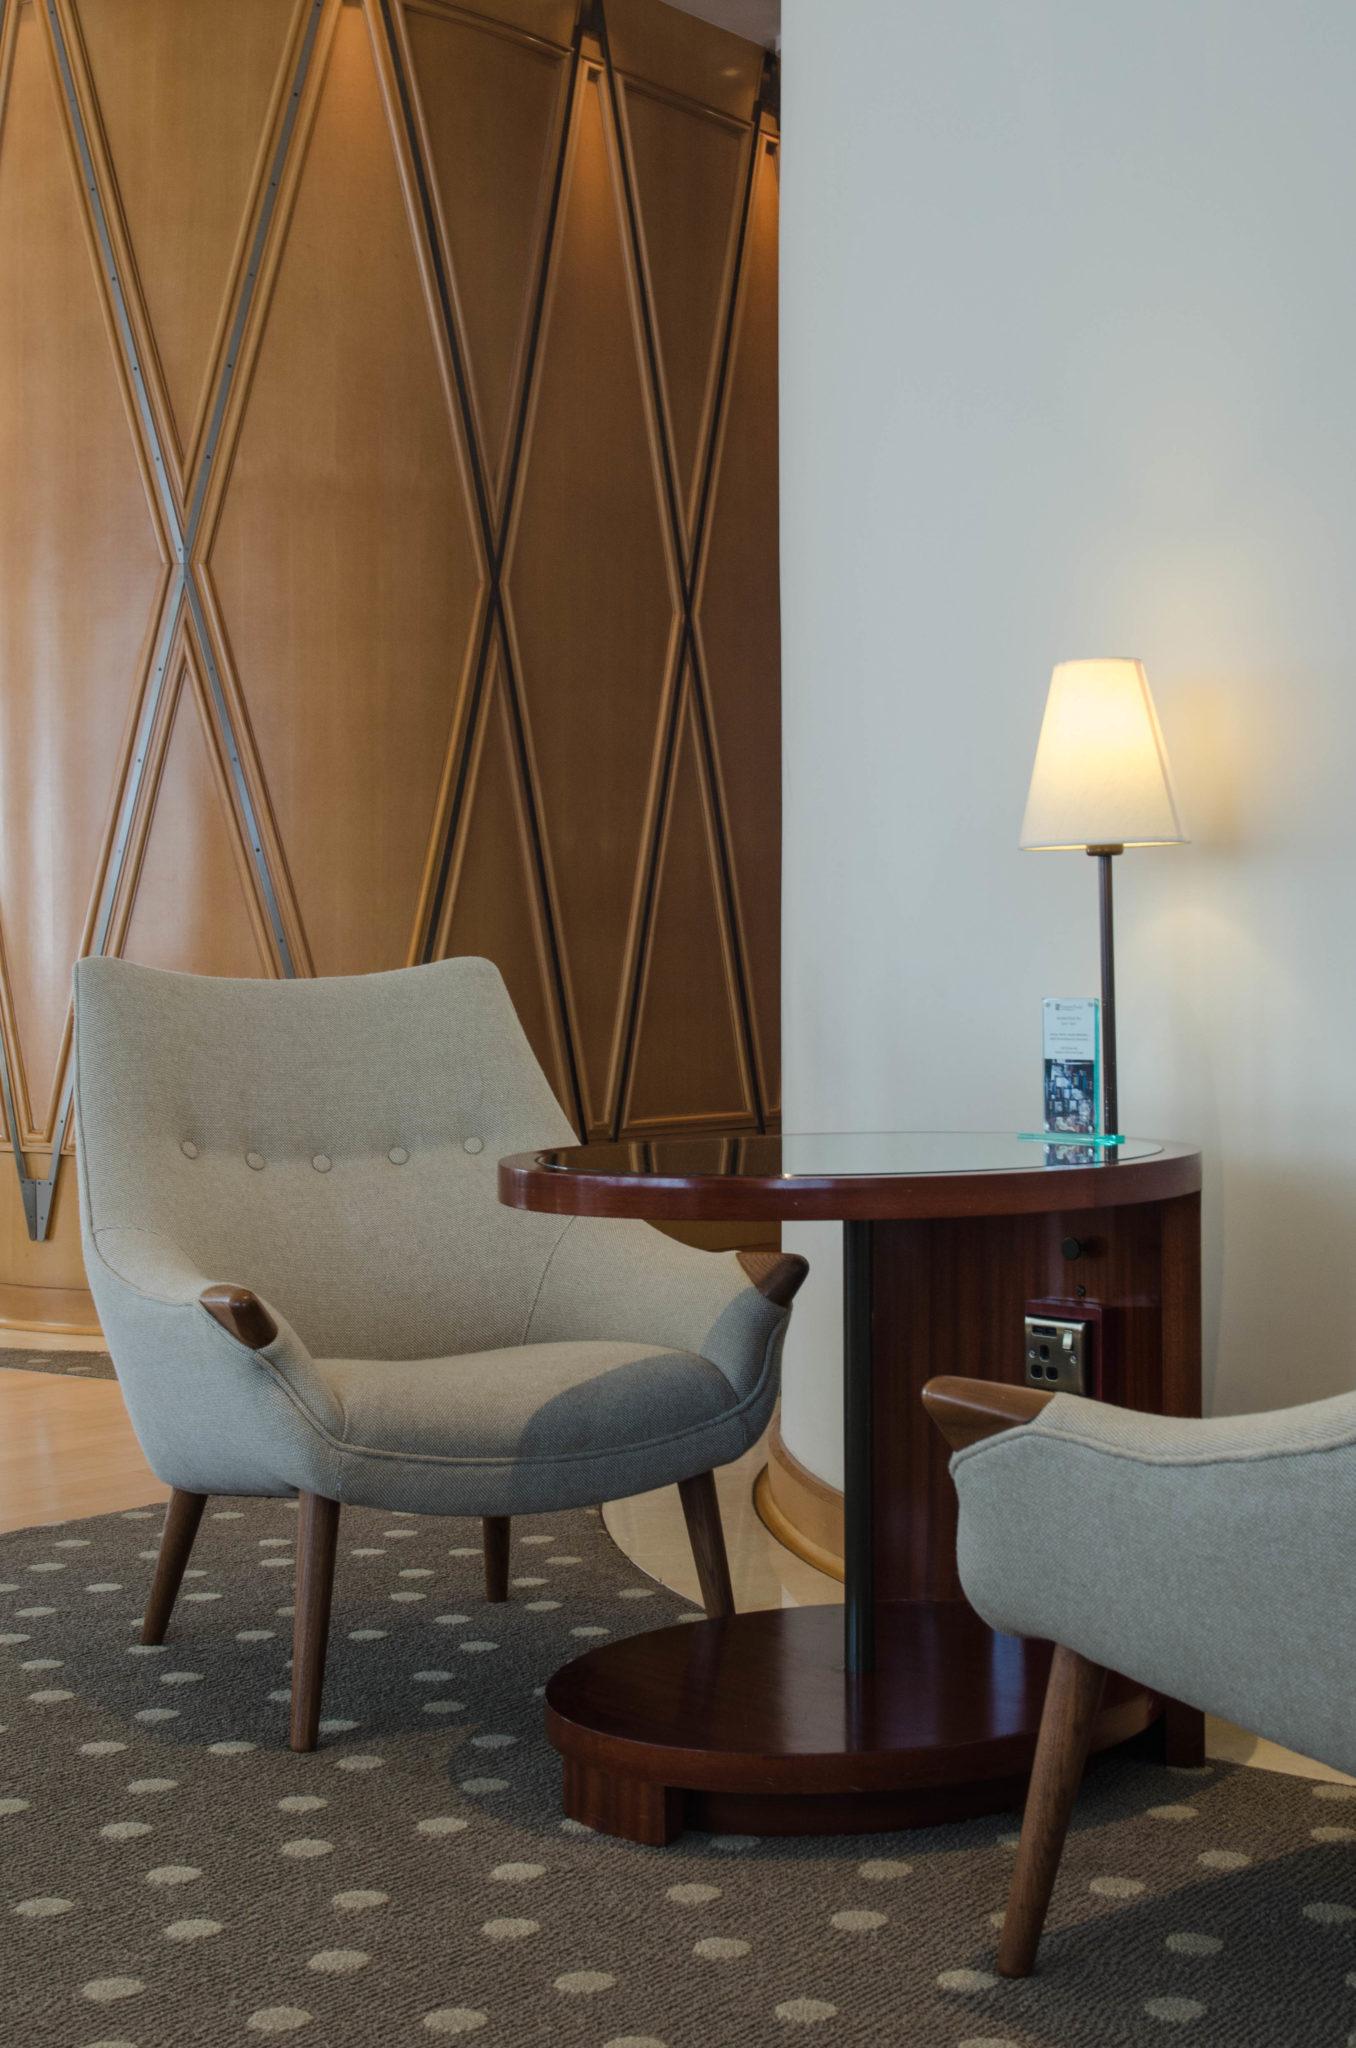 Lanson Place Hotel Hongkong: Das Lobbyflair wird hier ganz groß geschrieben